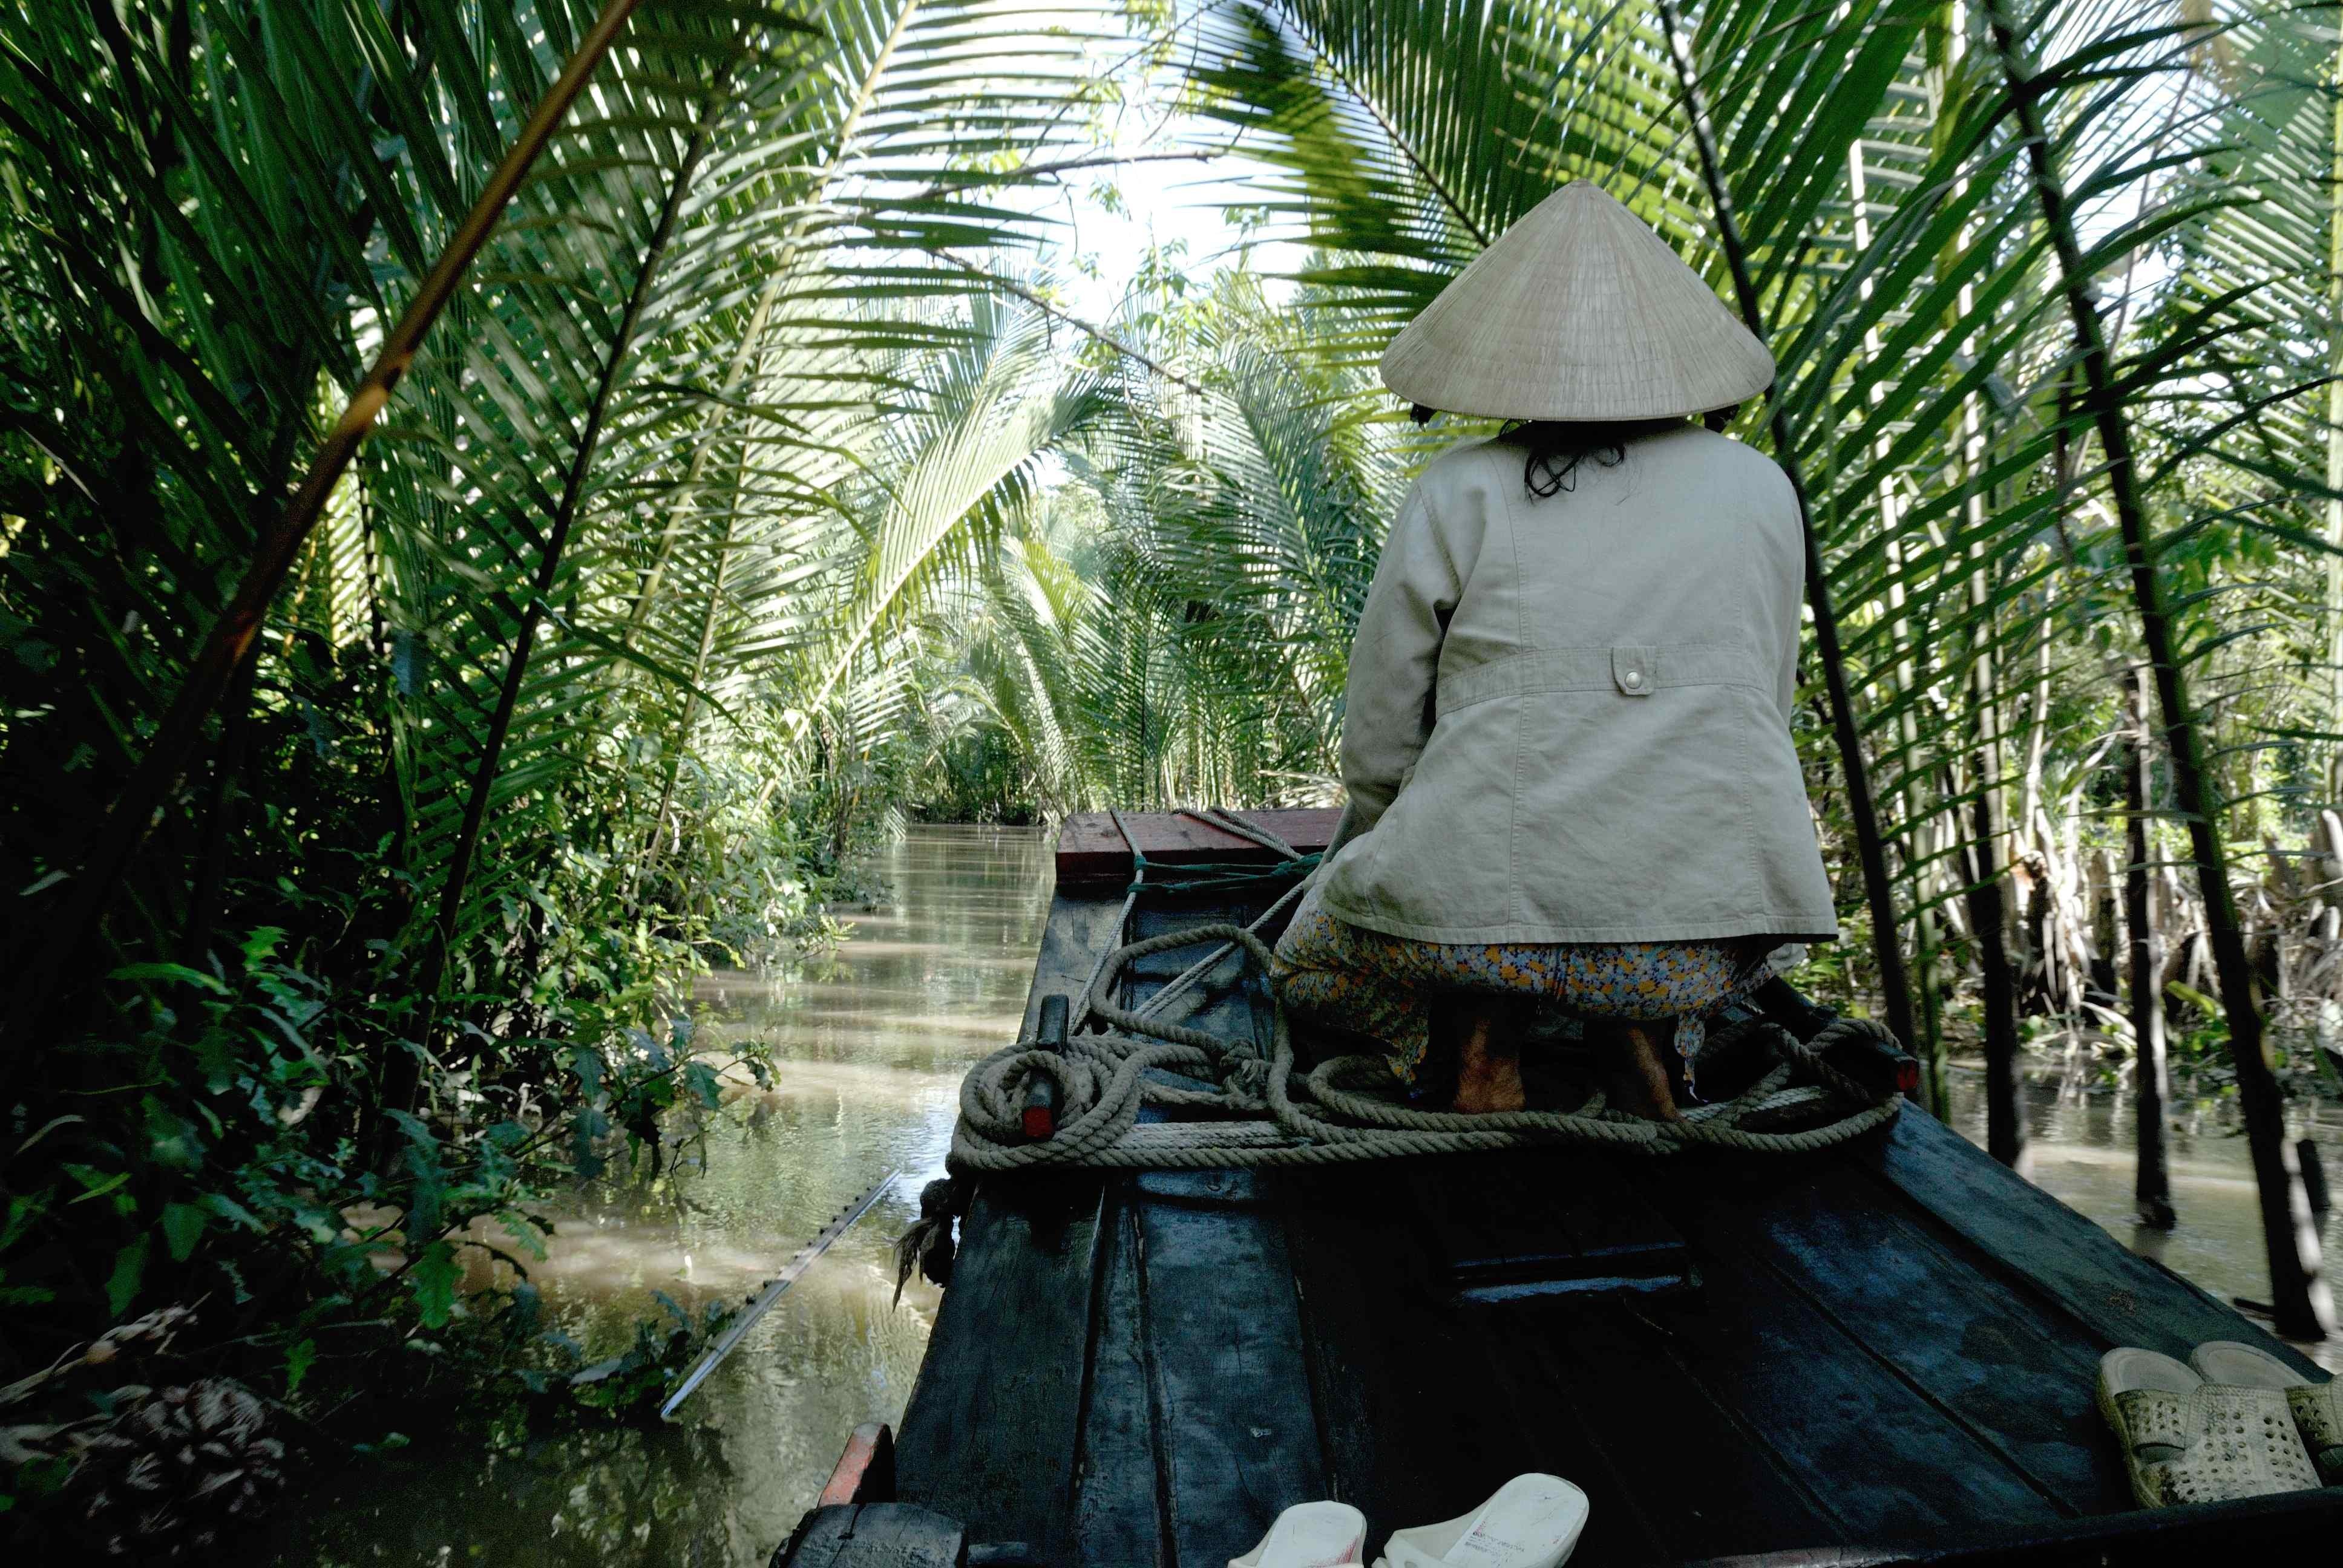 The Mekong Delta, Vietnam | © M M/Flickr